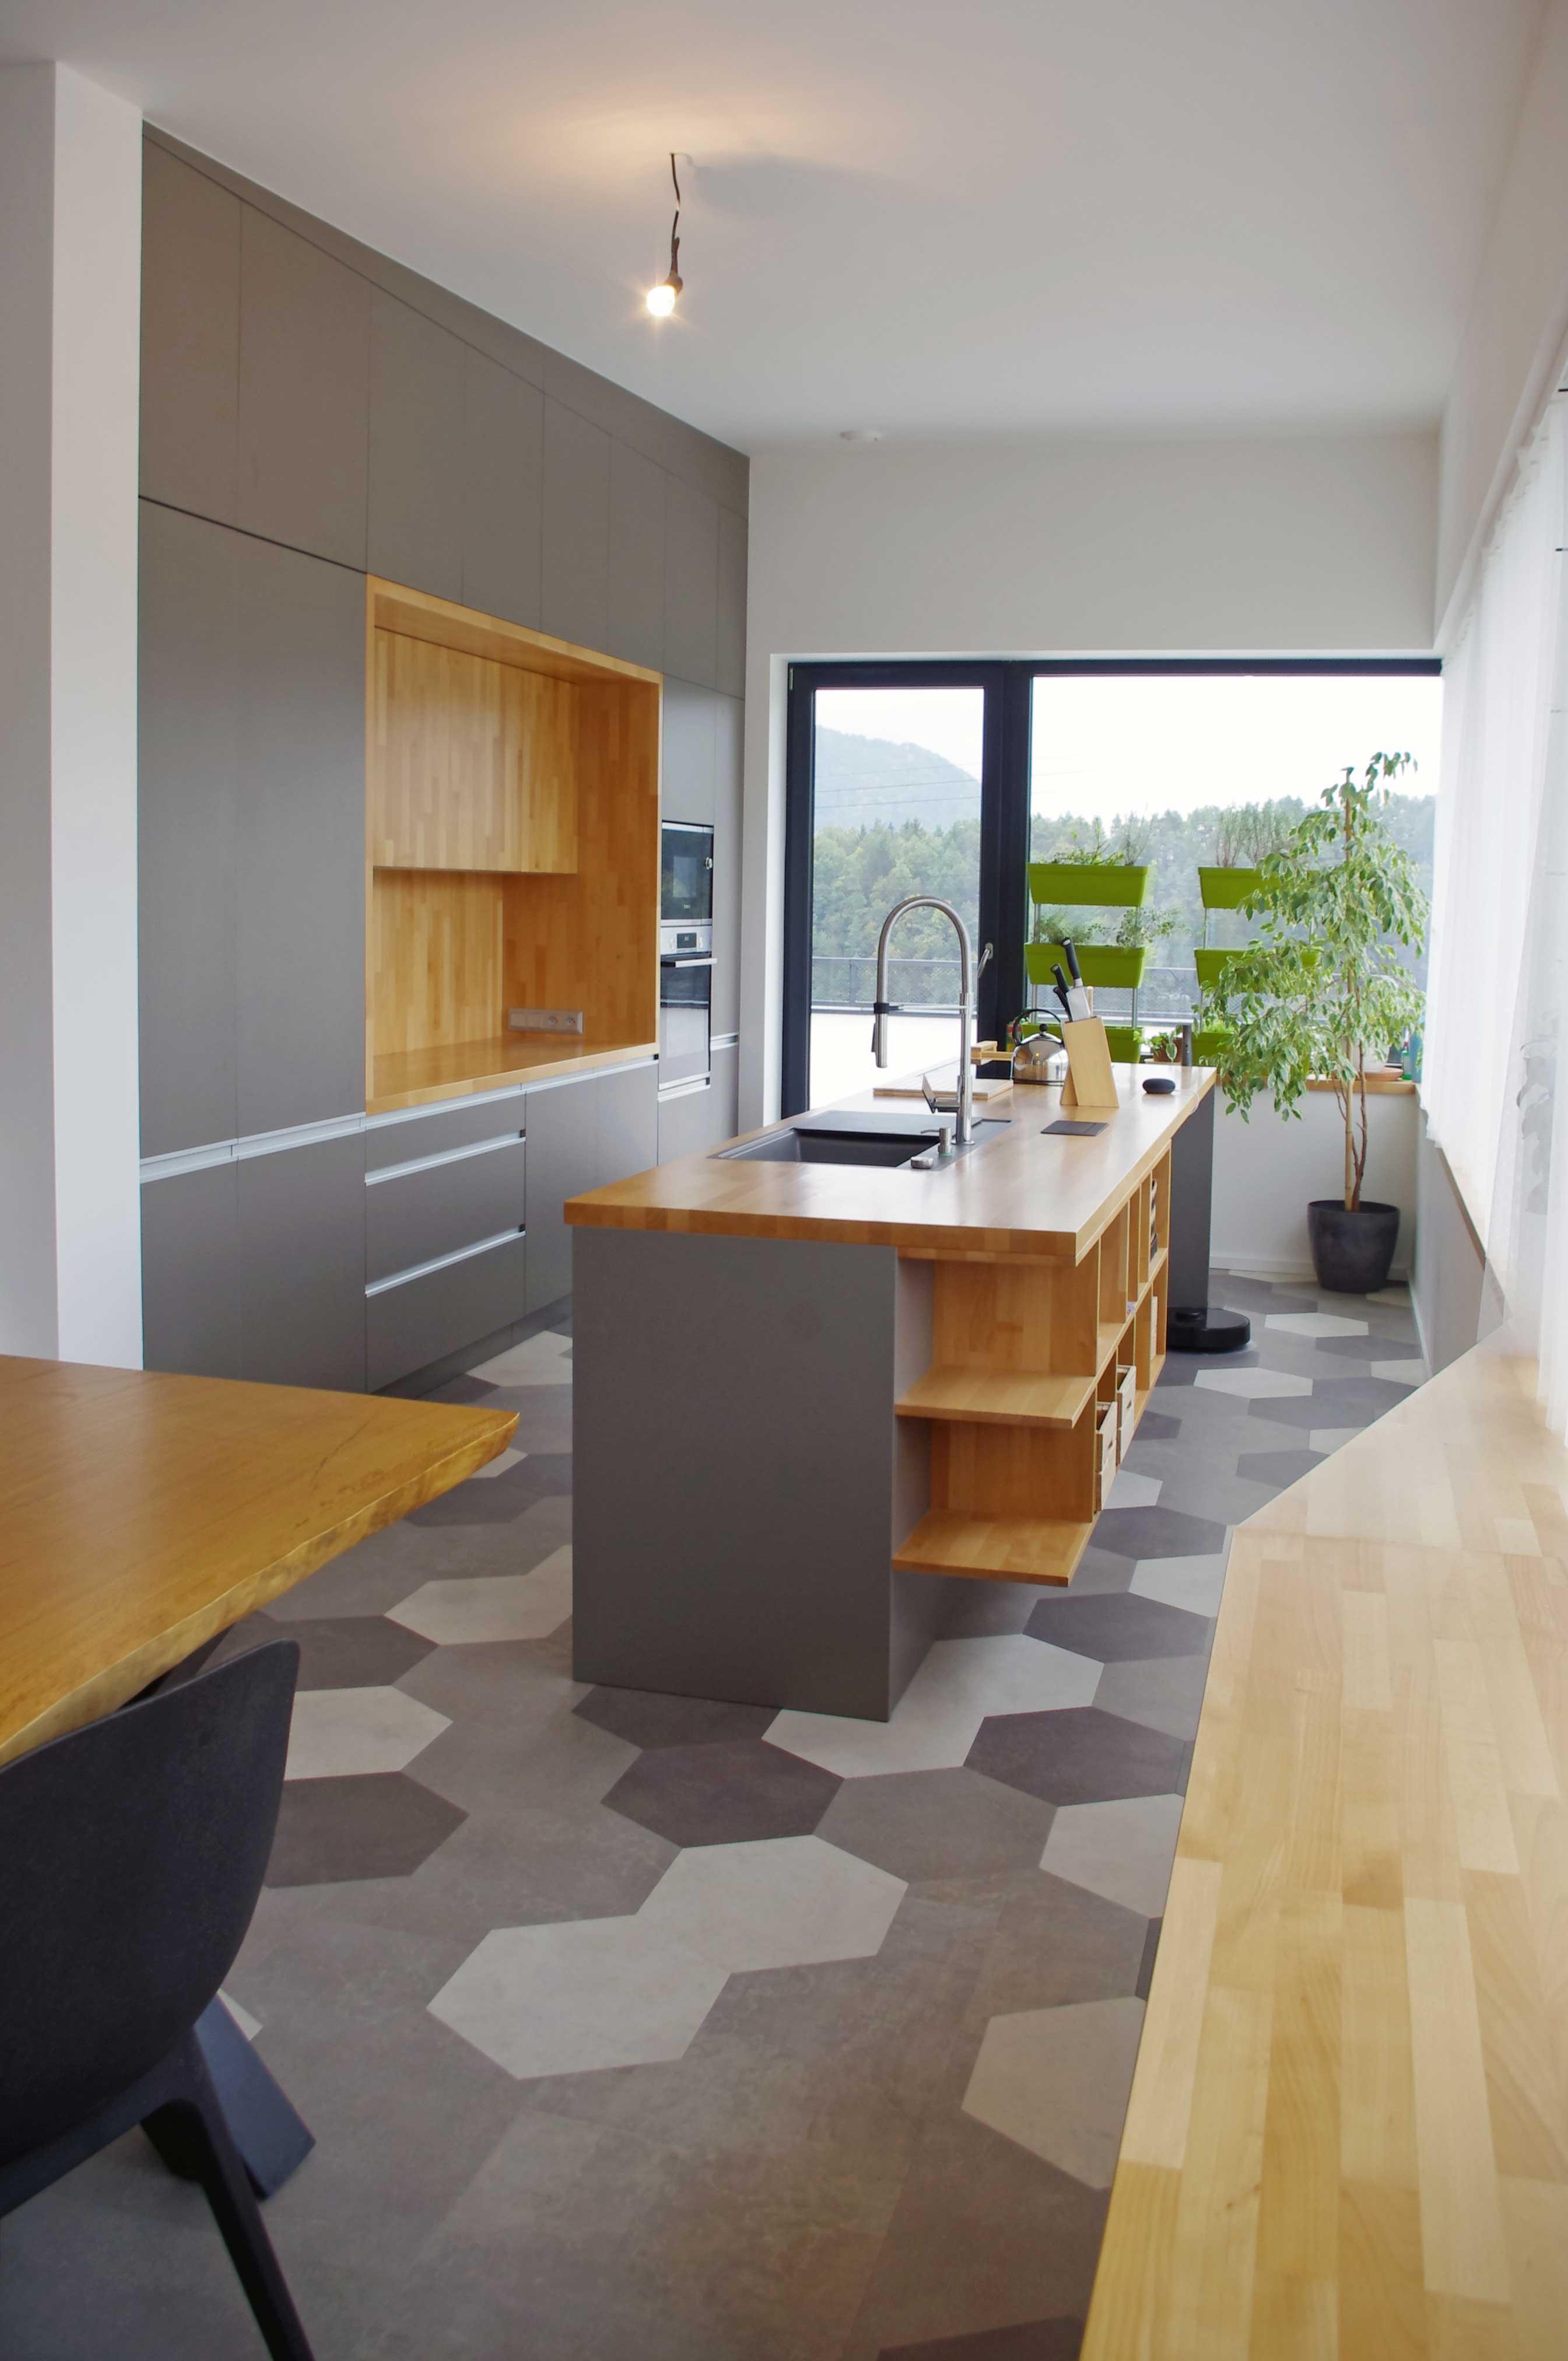 Interiér rodinného domu, otvorená kuchyňa s pracovným pultom